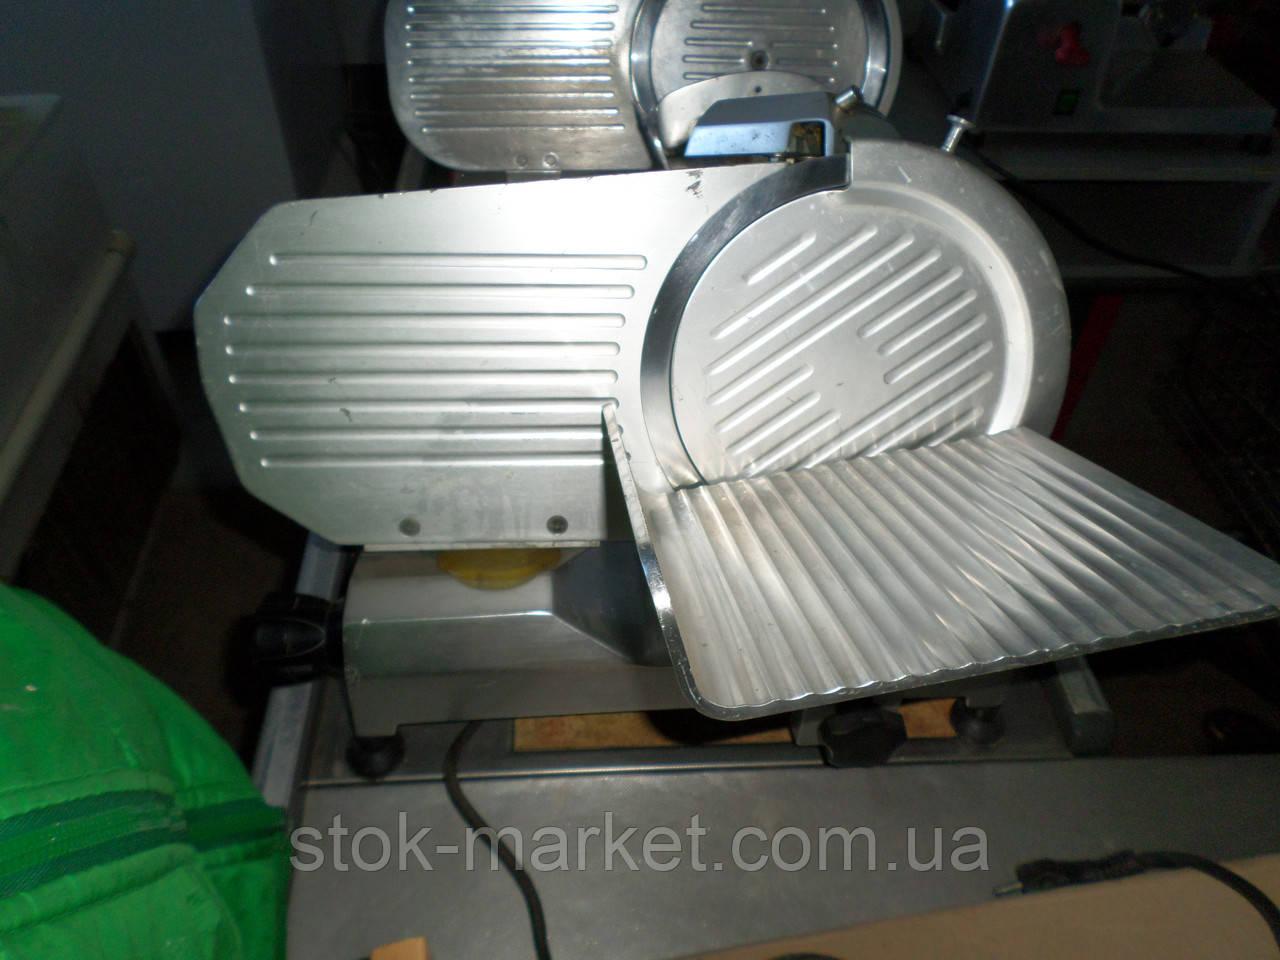 Слайсер Gastrorag 250